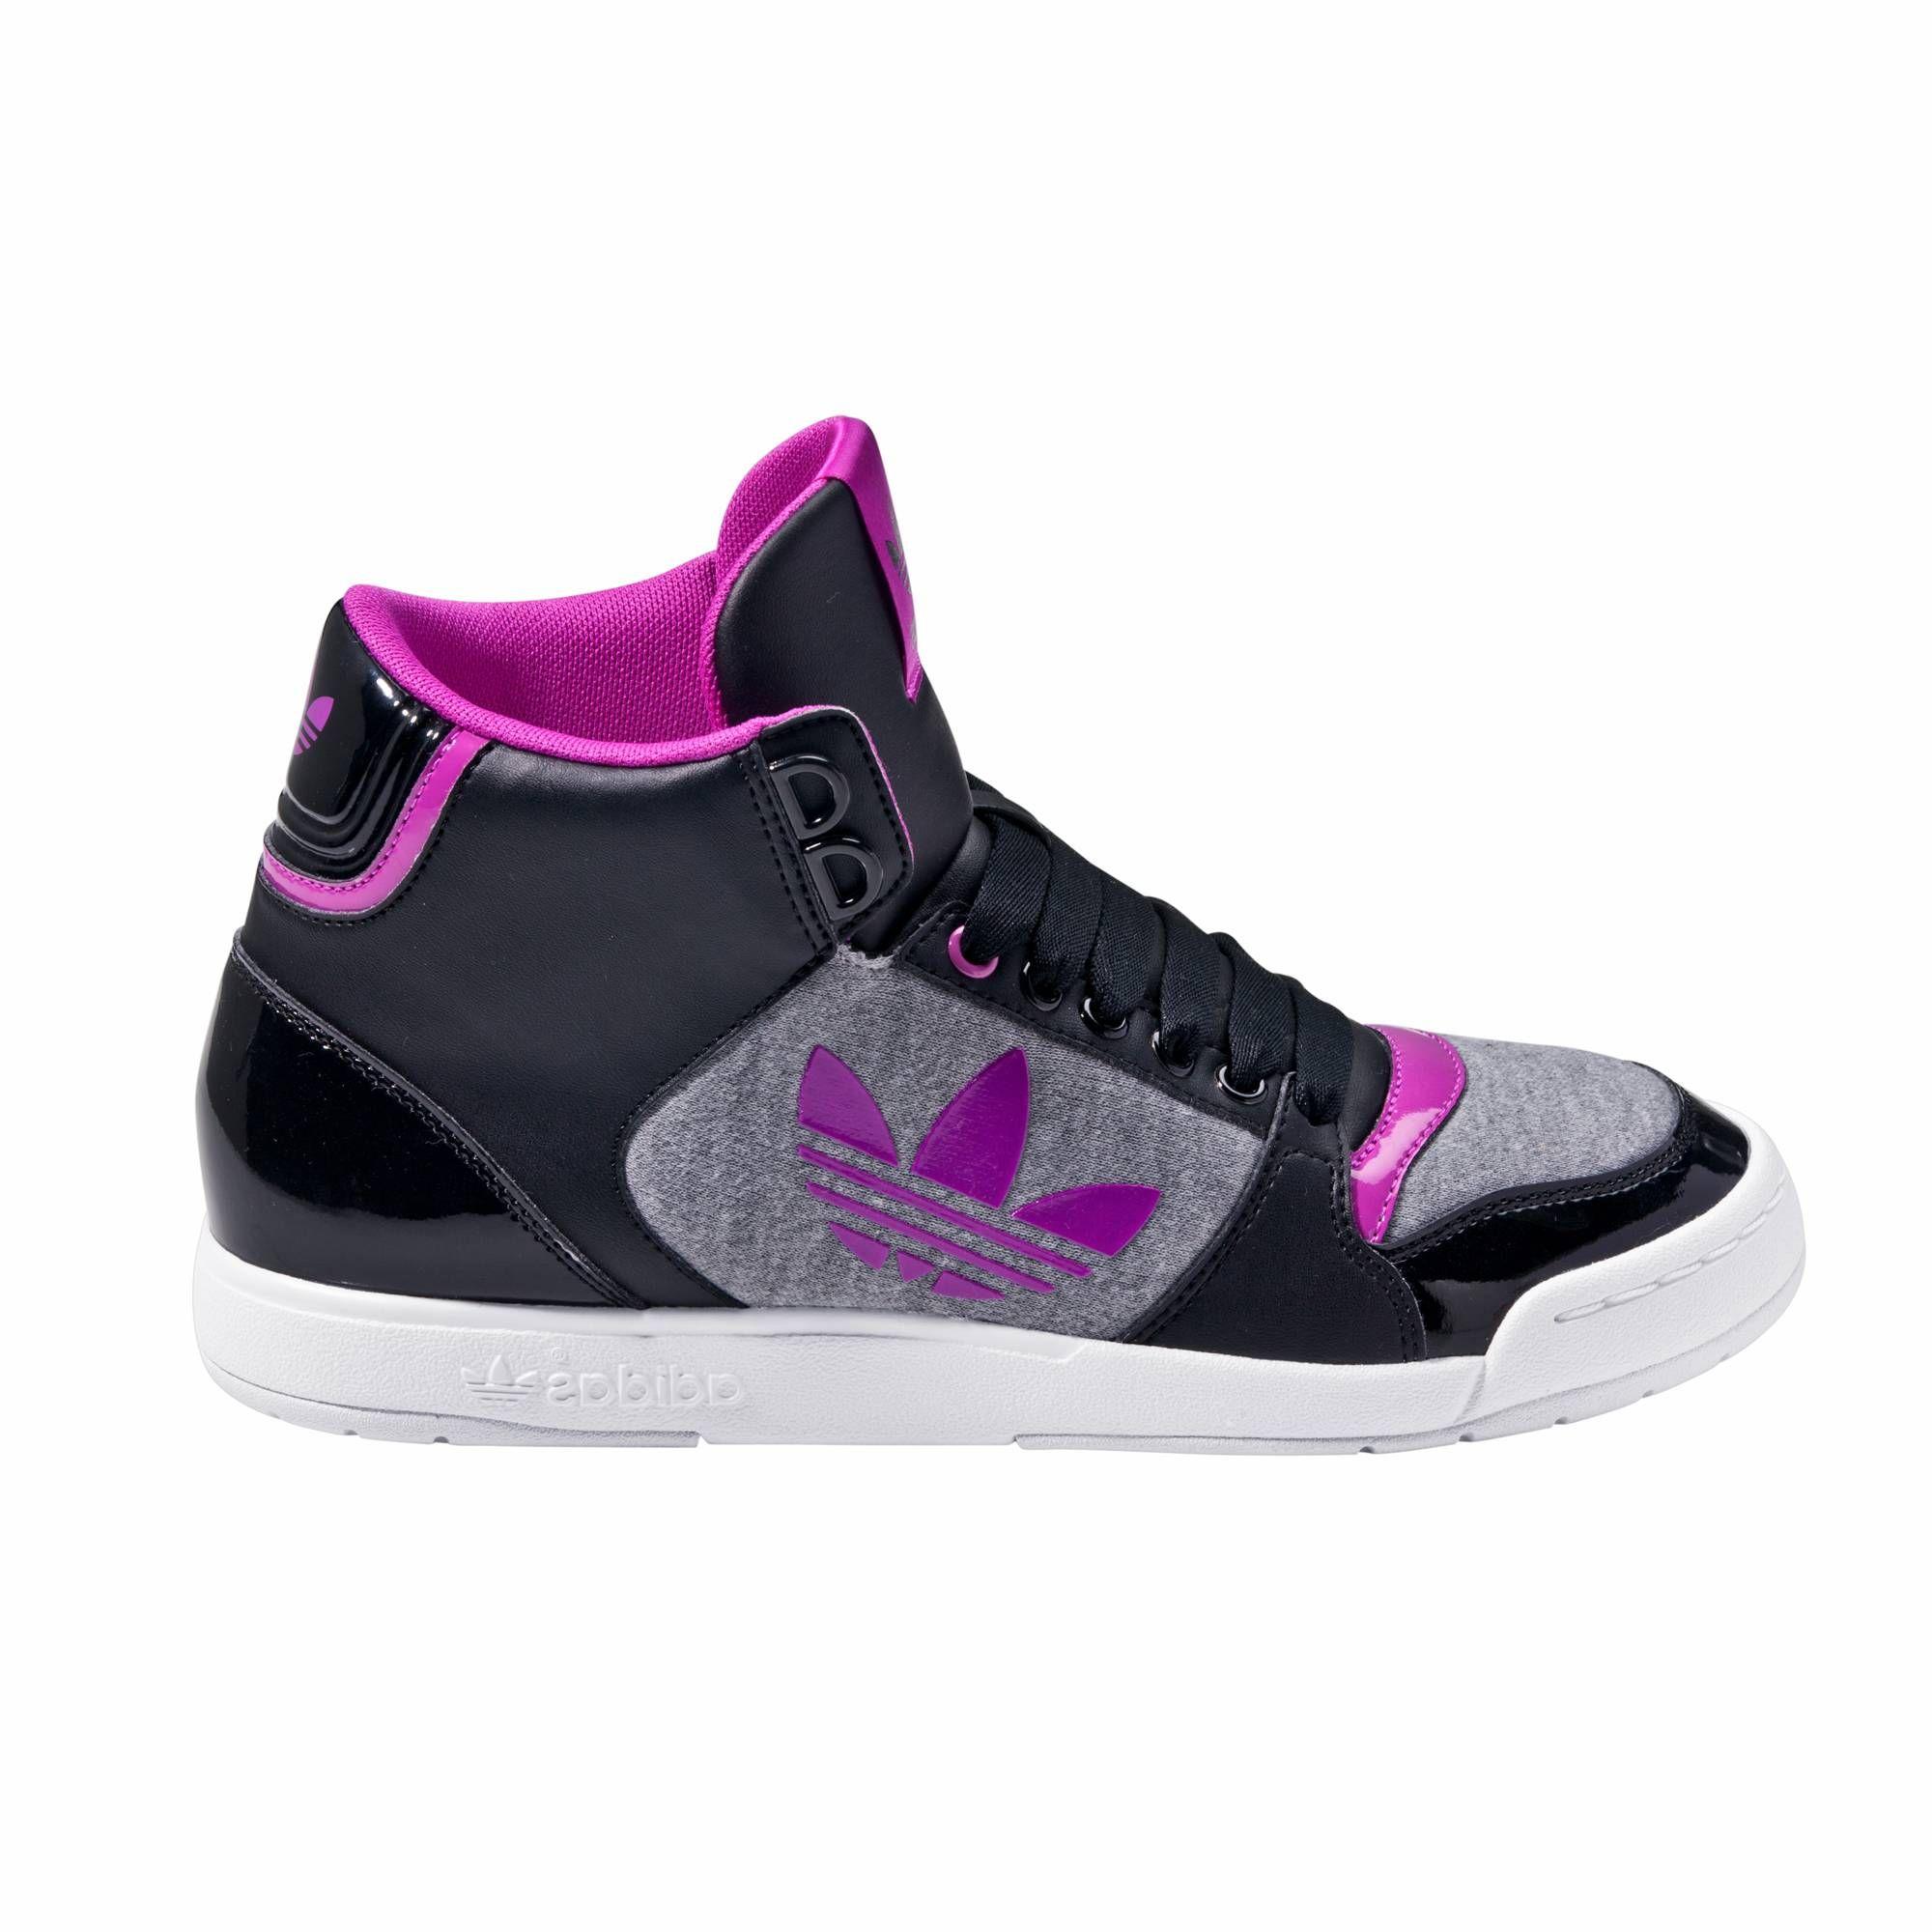 online store ace5d ee071 Chaussures sport MIDIRU COURT 2 de adidas femme - 3 Suisses